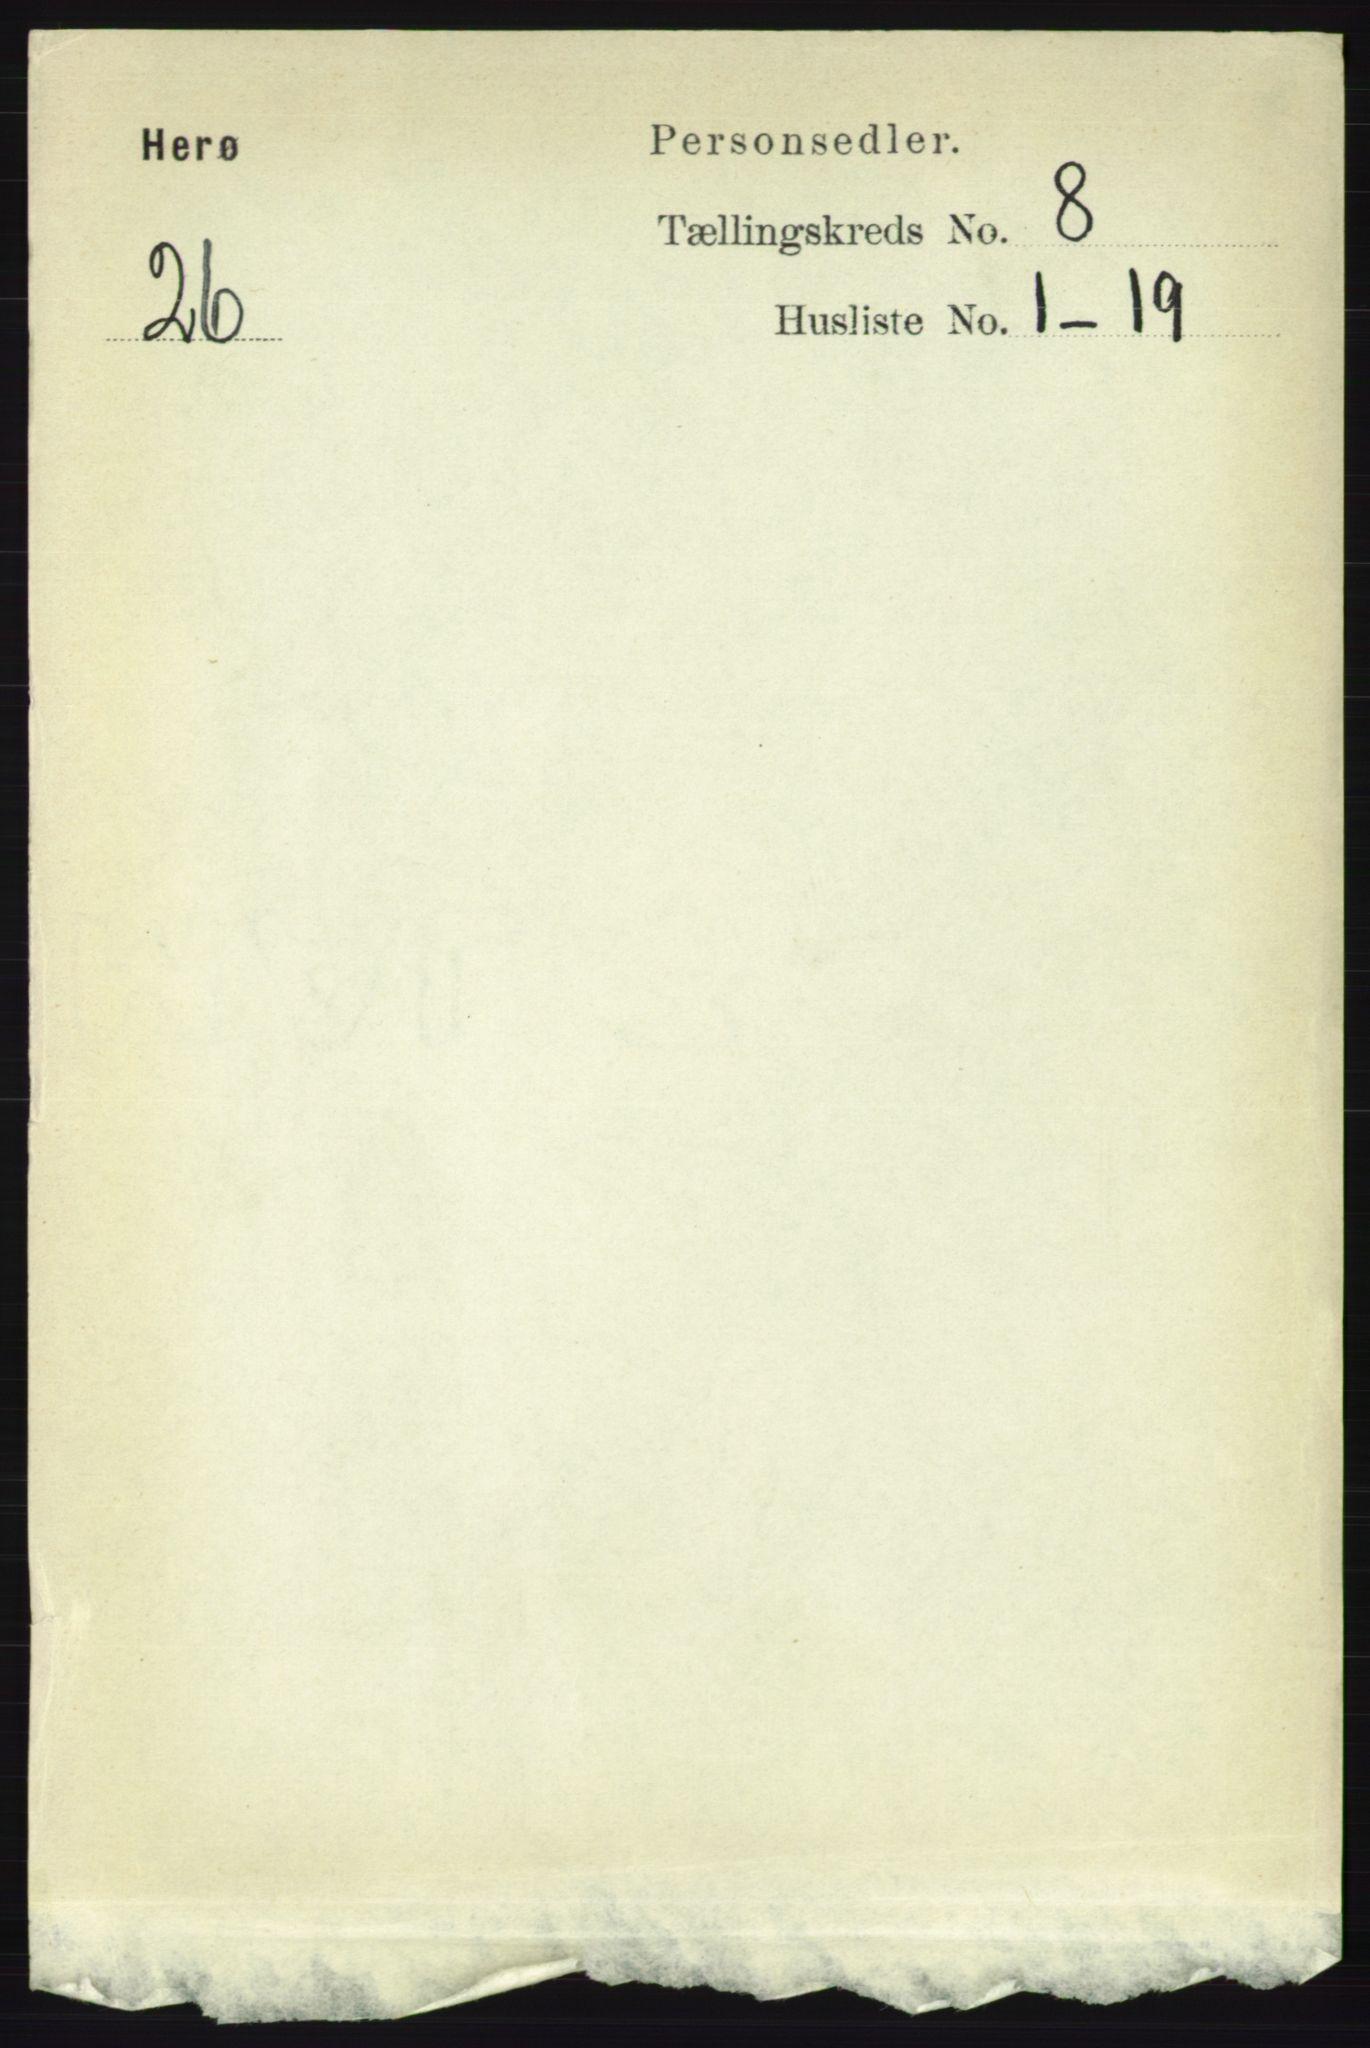 RA, Folketelling 1891 for 1818 Herøy herred, 1891, s. 2591